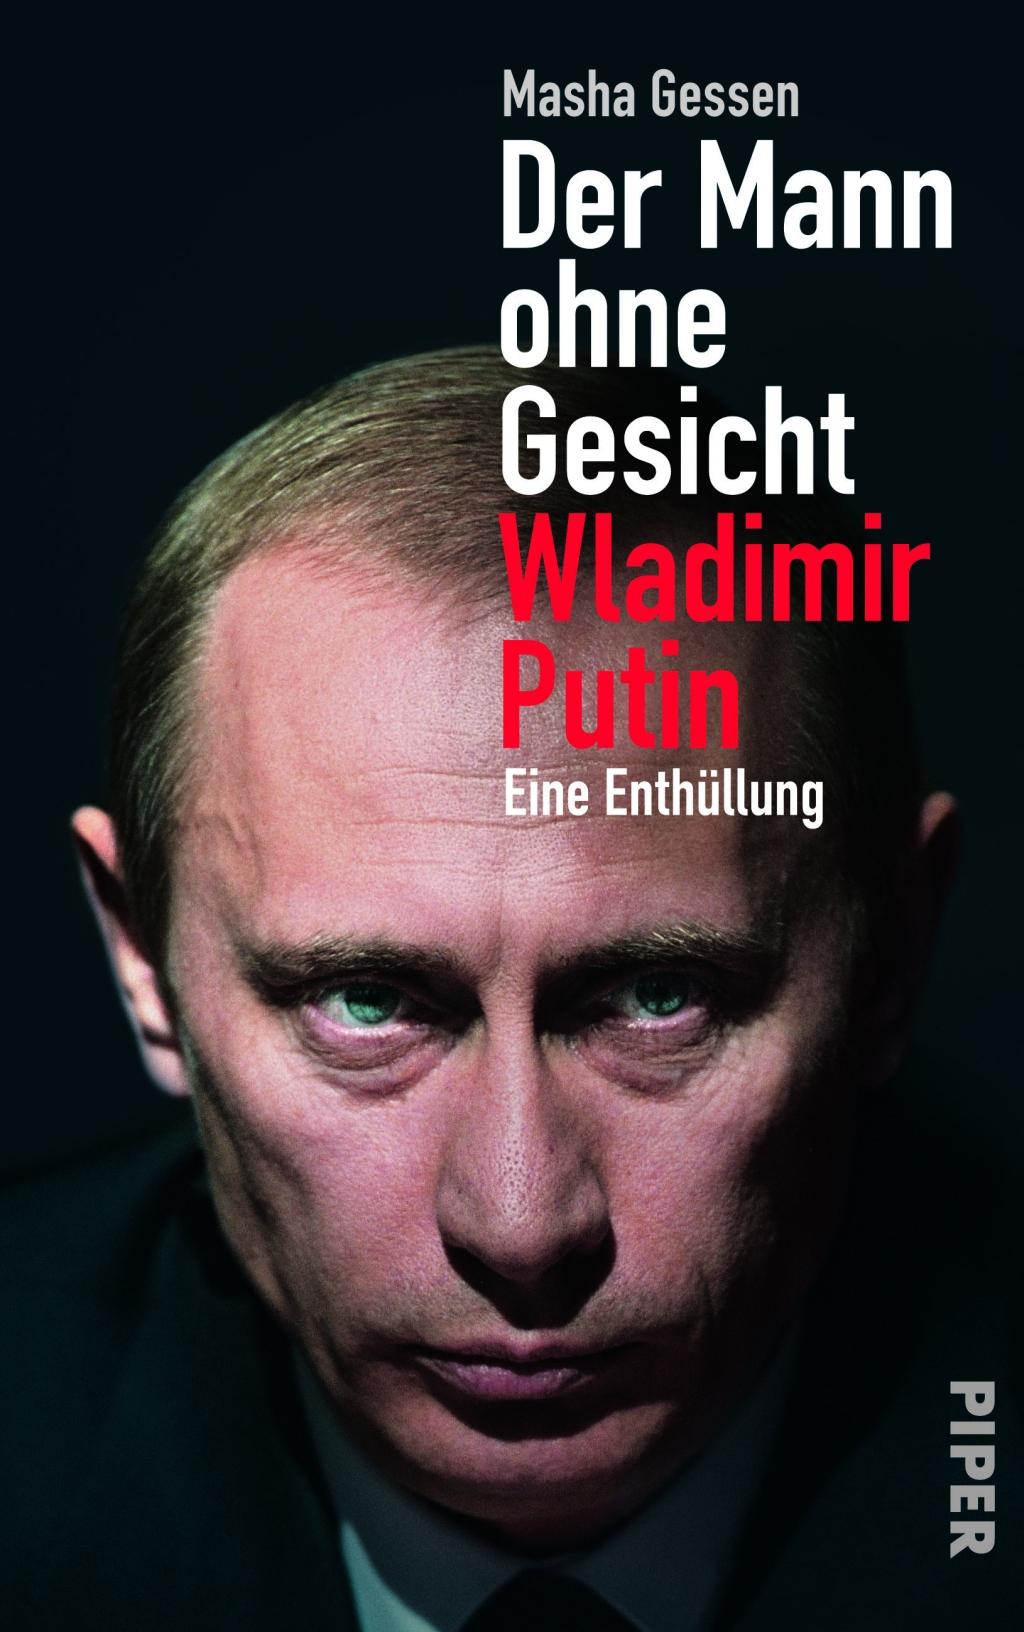 Masha Gessen ~ Der Mann ohne Gesicht: Wladimir Putin. Eine Ent ... 9783492055291